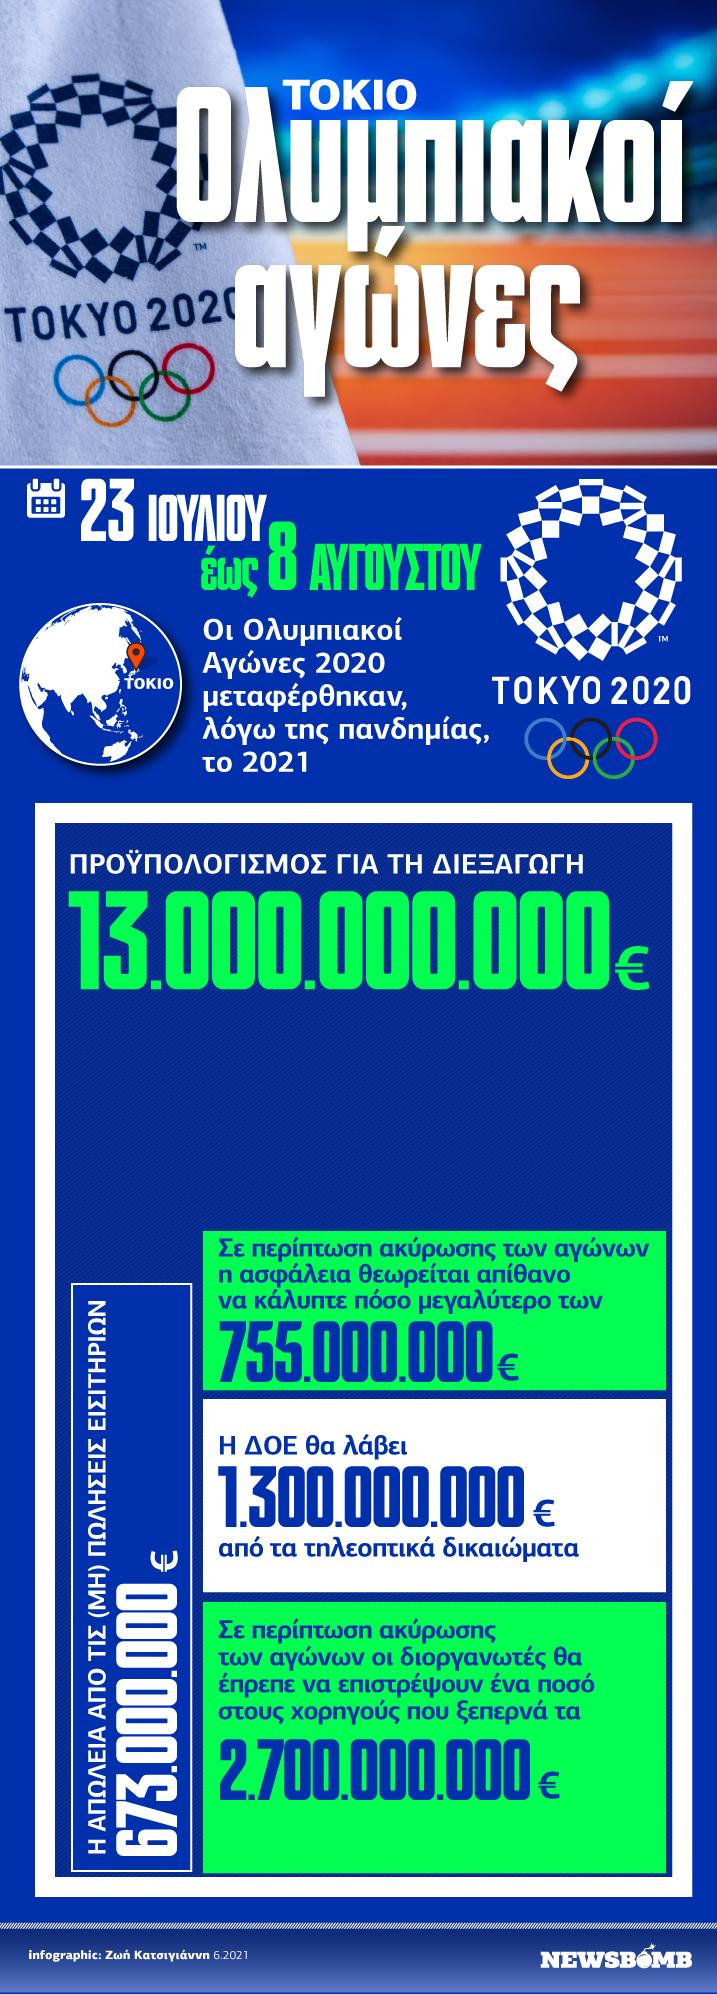 Tokyo-2021-Olympic-Games.jpg